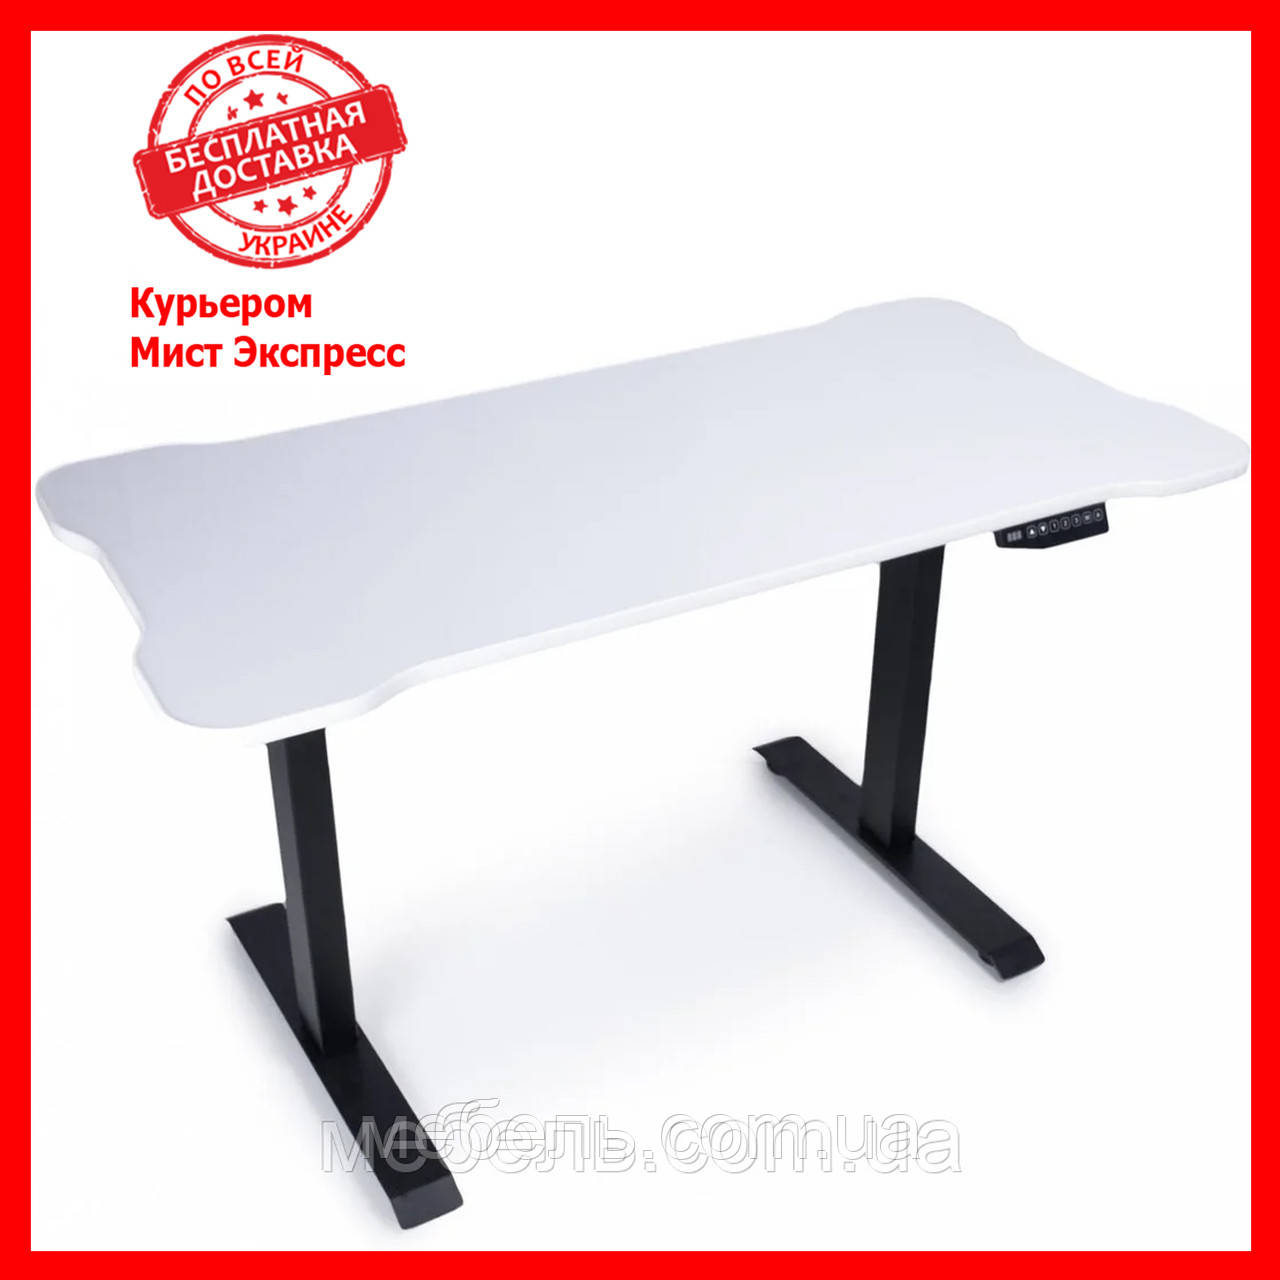 Компьютерный стол с подъемным механизмом Barsky BSU_el-03, регулируемый